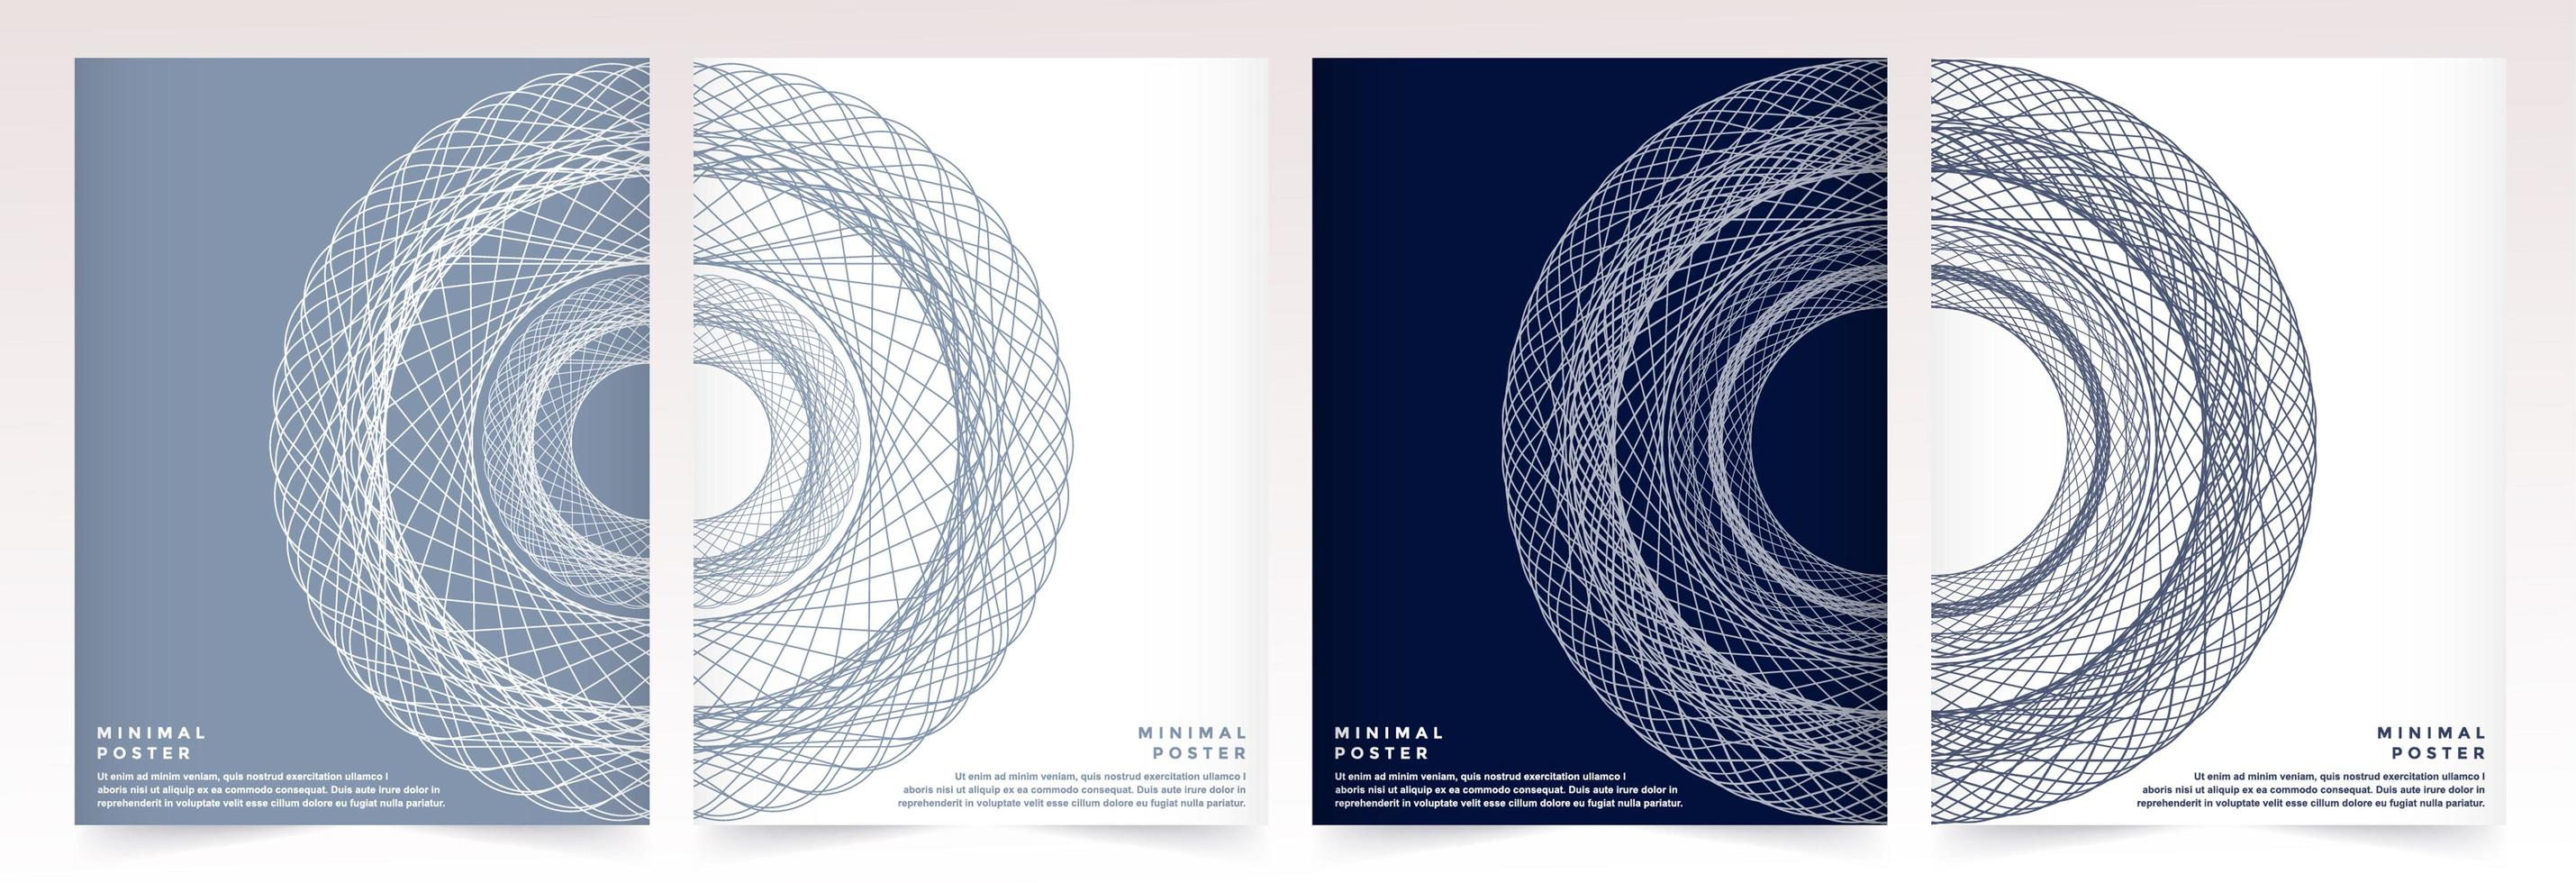 les résumés colorés minimalistes incluent des motifs géométriques. vecteur